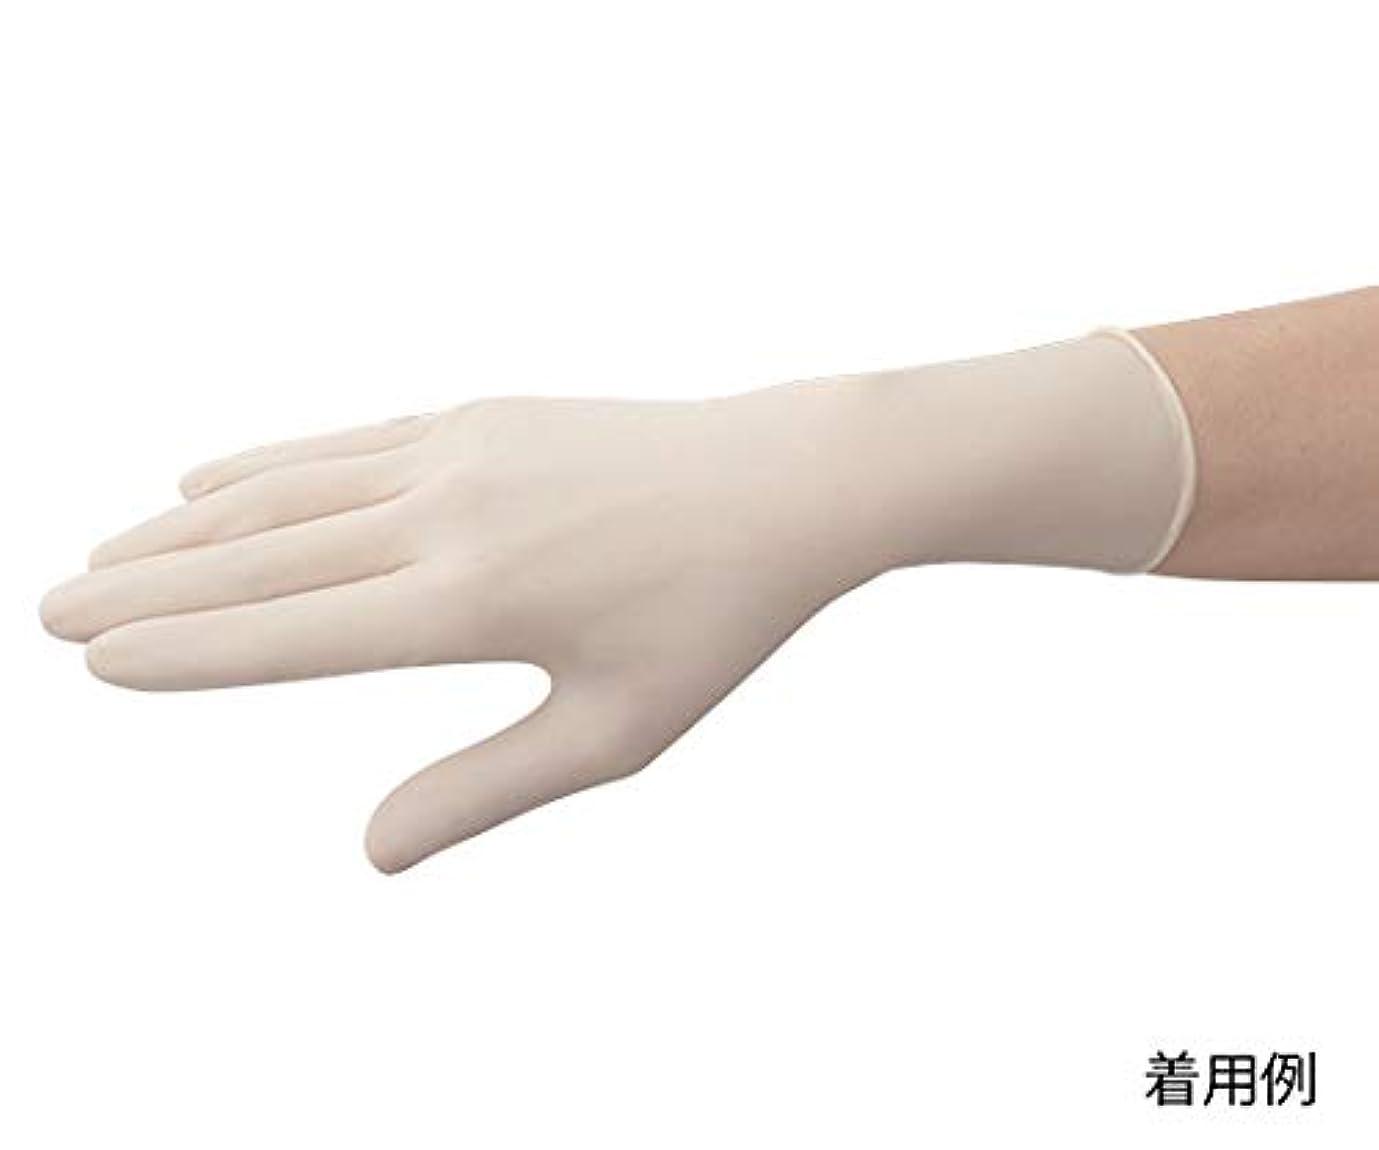 シンボル手足グレー東レ?メディカル 手術用手袋メディグリップ パウダーフリー50双 8175MG